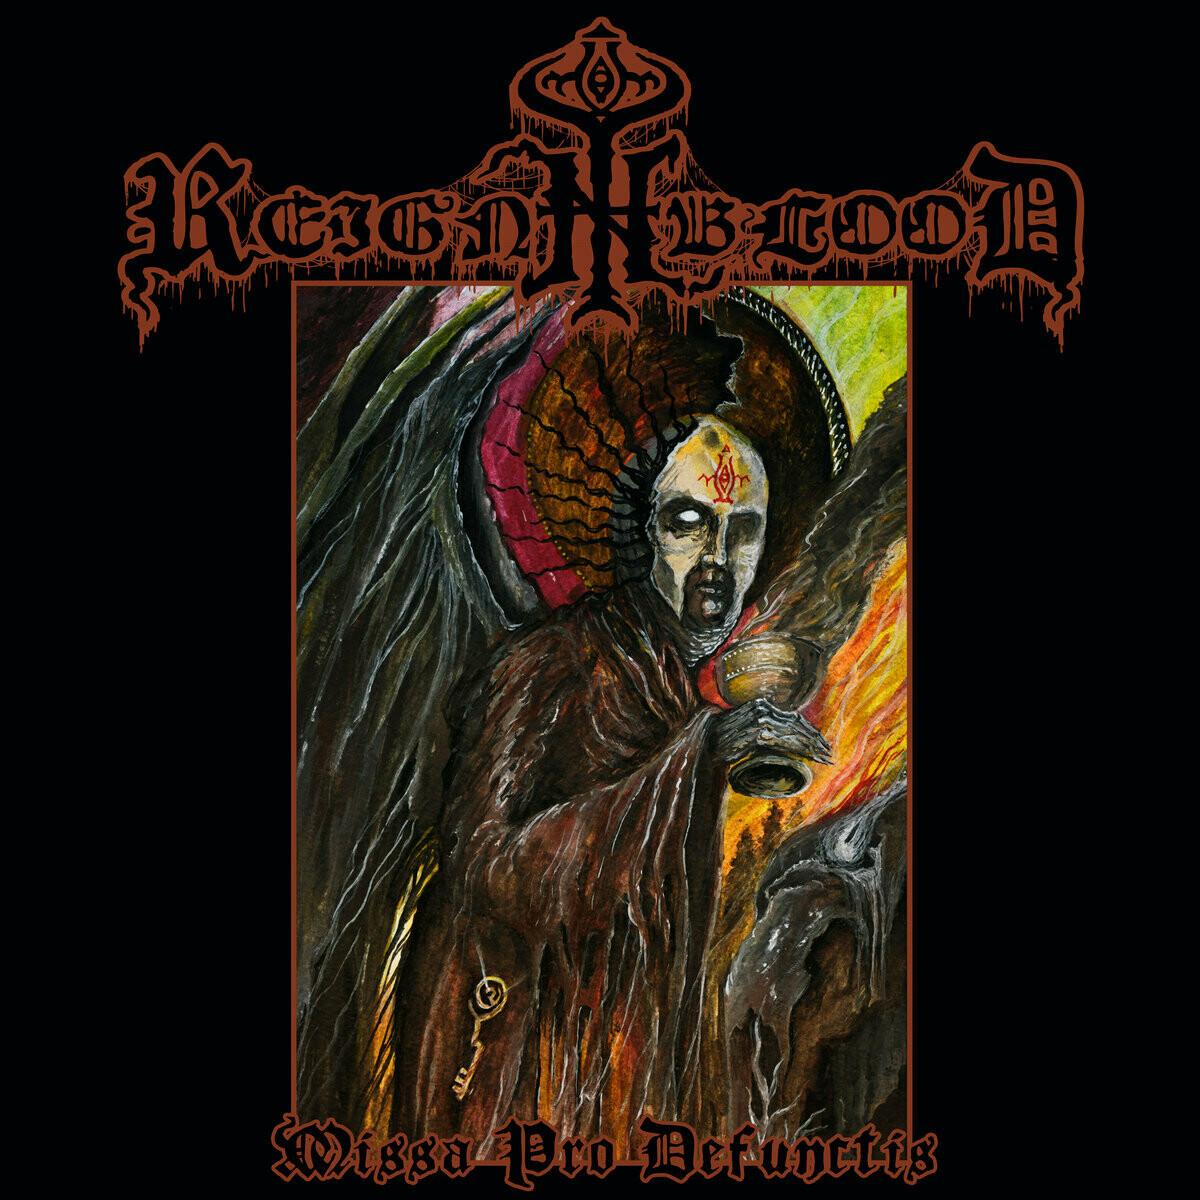 Reign In Blood - Missa Pro Defunctis